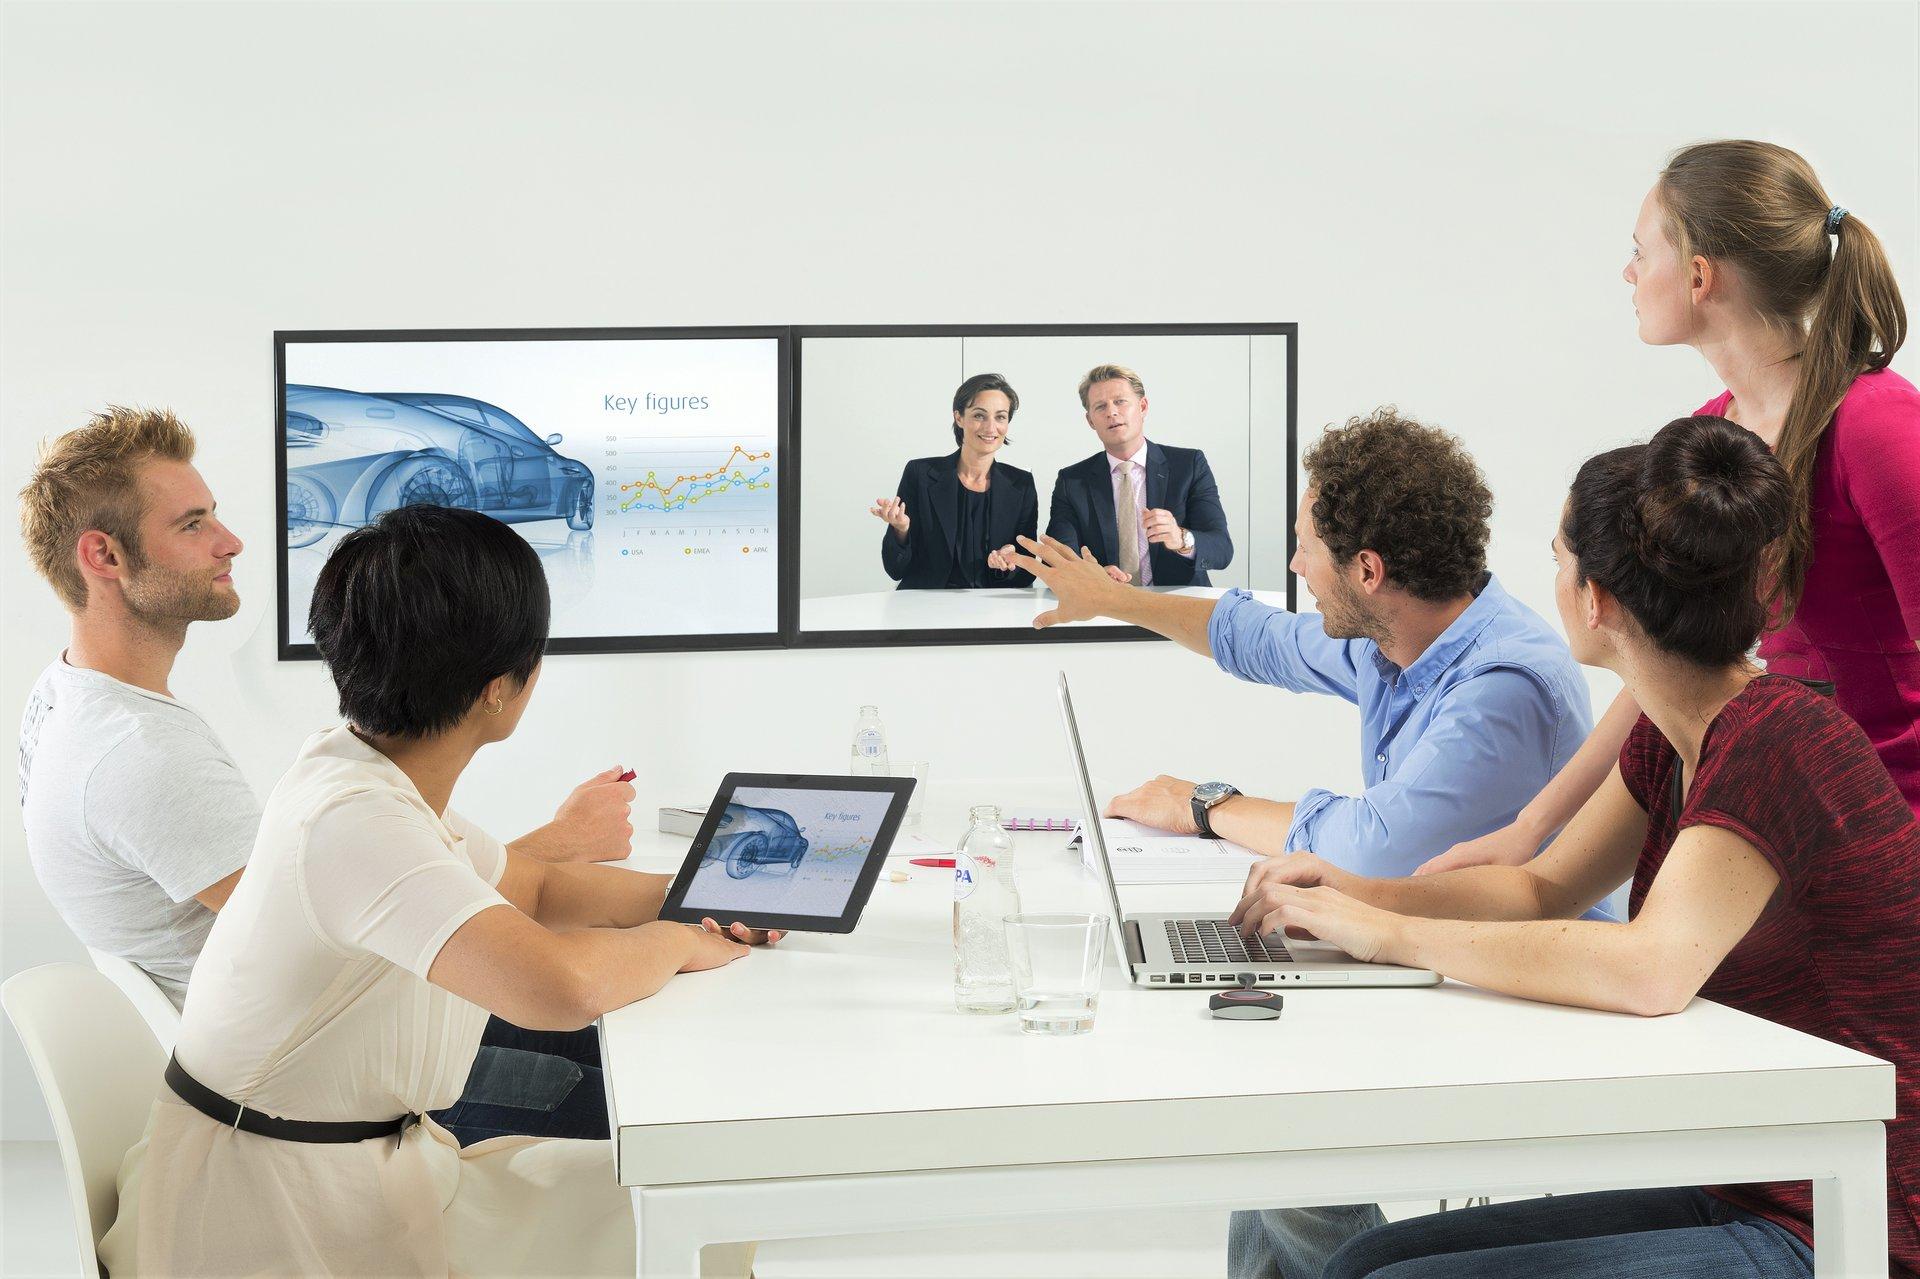 clickshare videoconference